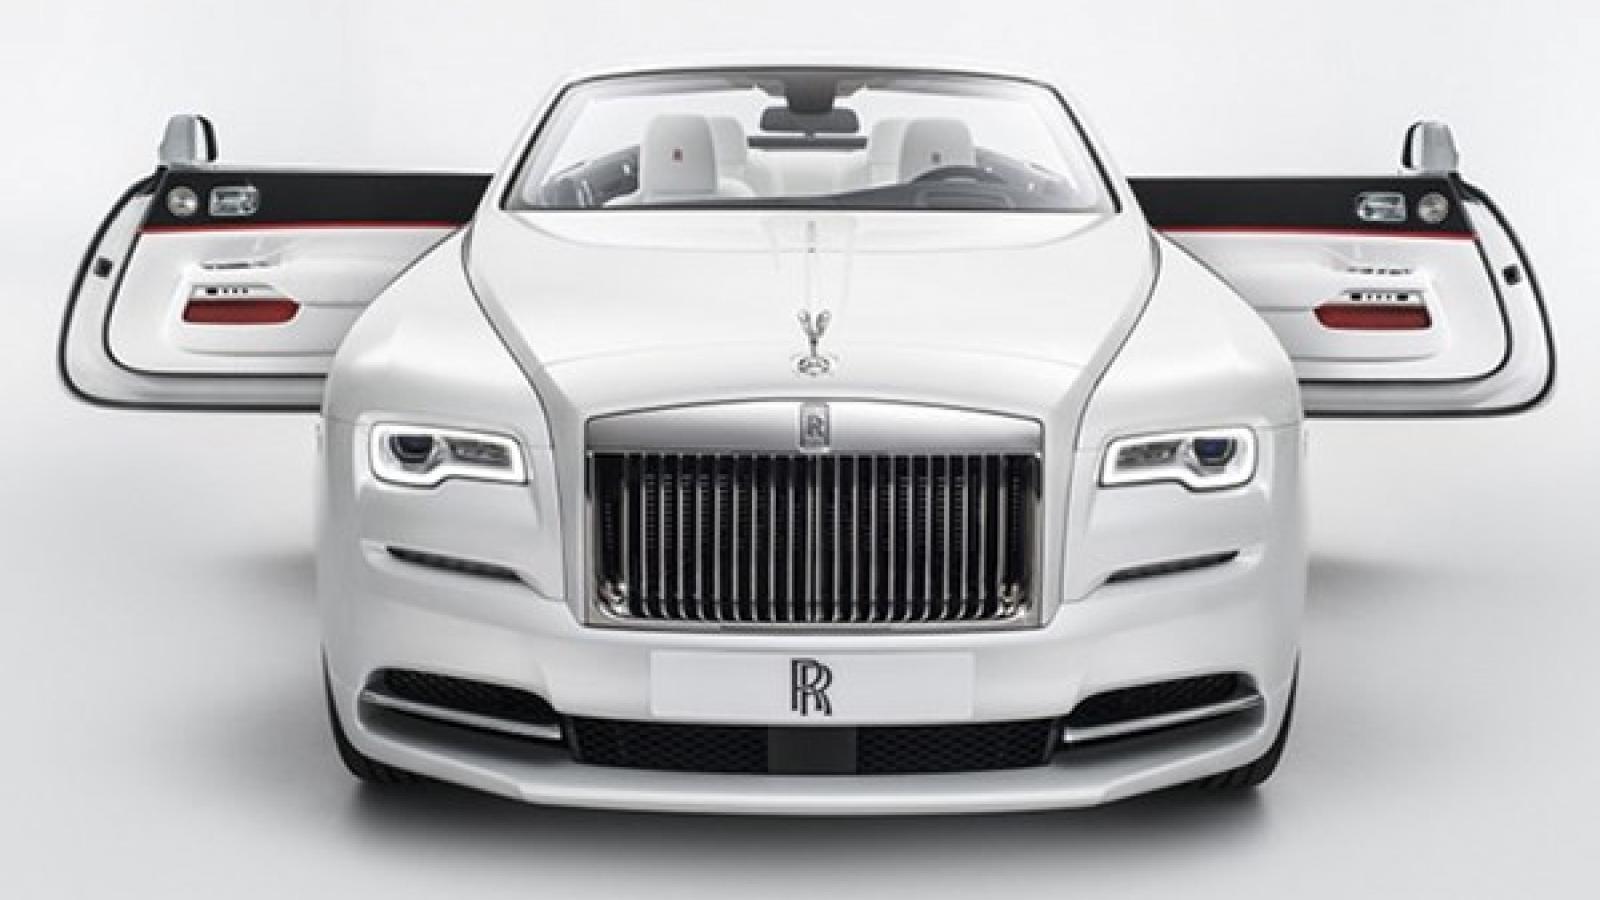 پرداخت مبلغ 9 میلیون دلار بابت خرید یک پلاک خودرو در دبی - اجاره خودرو طباطبایی